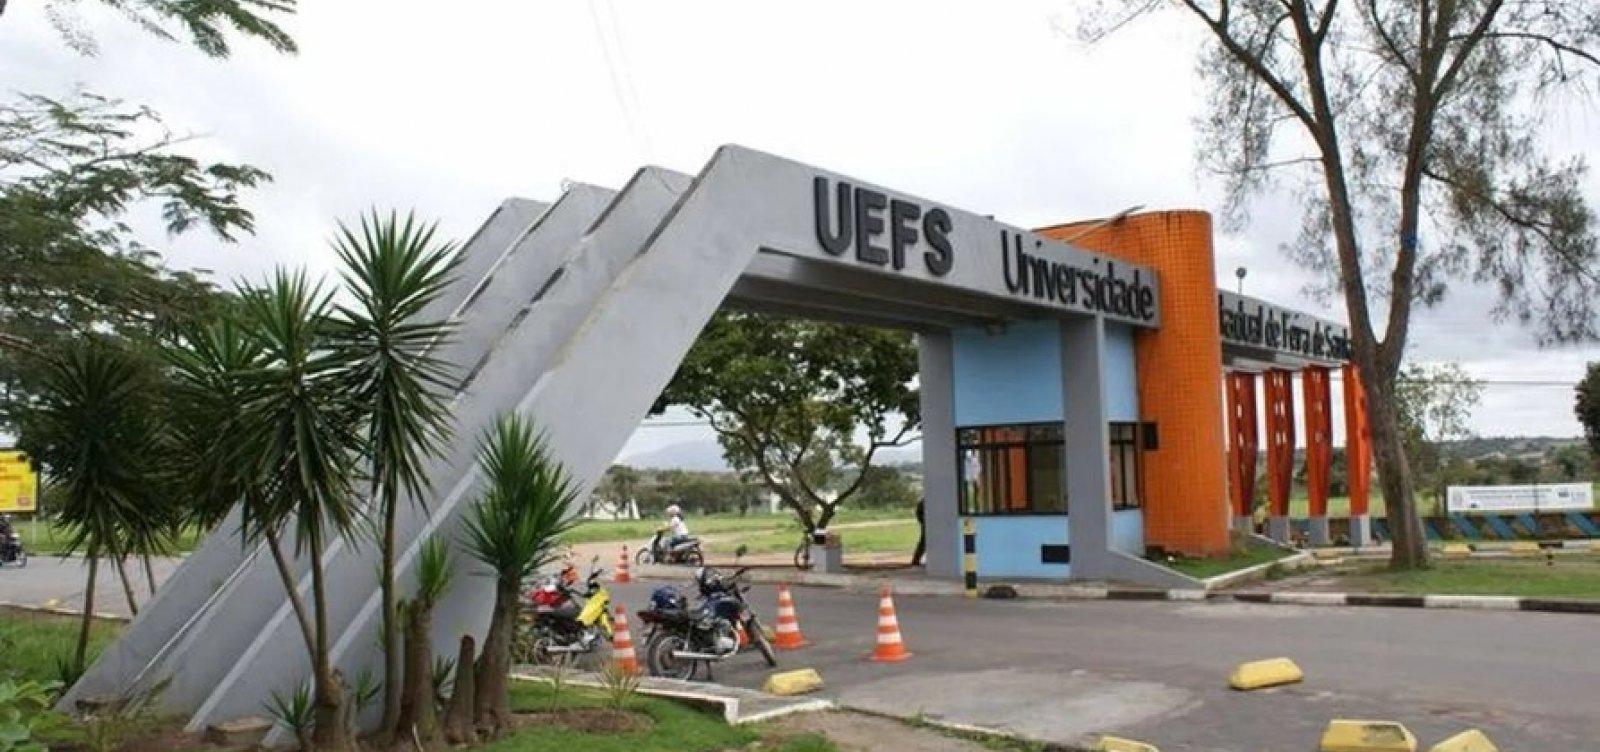 Polícia investiga suspeita de estupro contra aluna em 'calourada' na Uefs